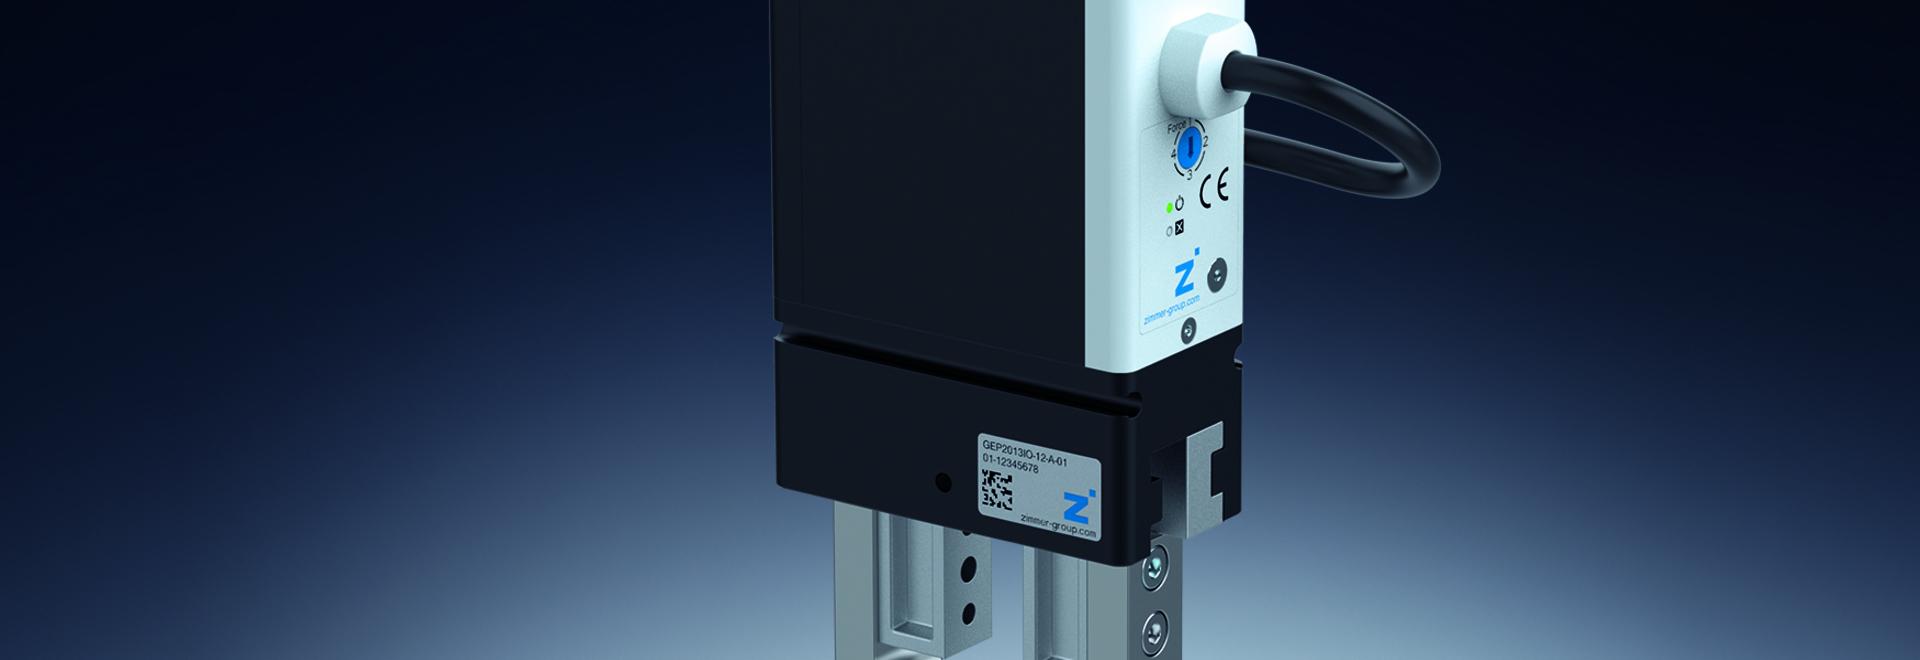 GEP2000-B - nouvelle variante optimisée de pince électronique pour la manipulation de petites pièces : modèles désormais disponibles avec positionnement libre et contrôle de perte de pièces